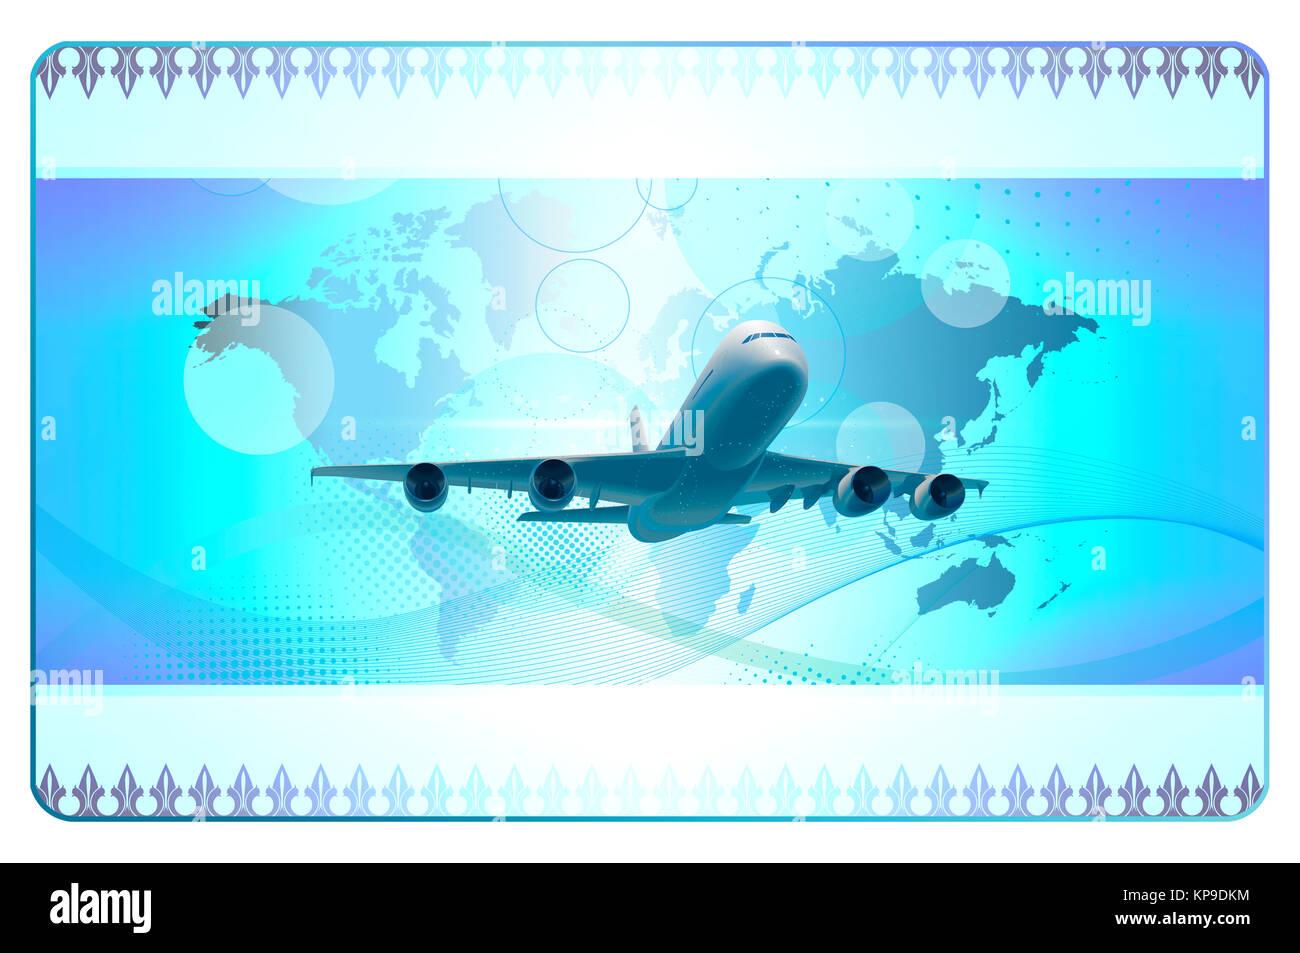 Fond Bleu Avec Avion Futuristecarte Du Monde Et Des Elements Abstraits Pour La Conception De Carte Visite